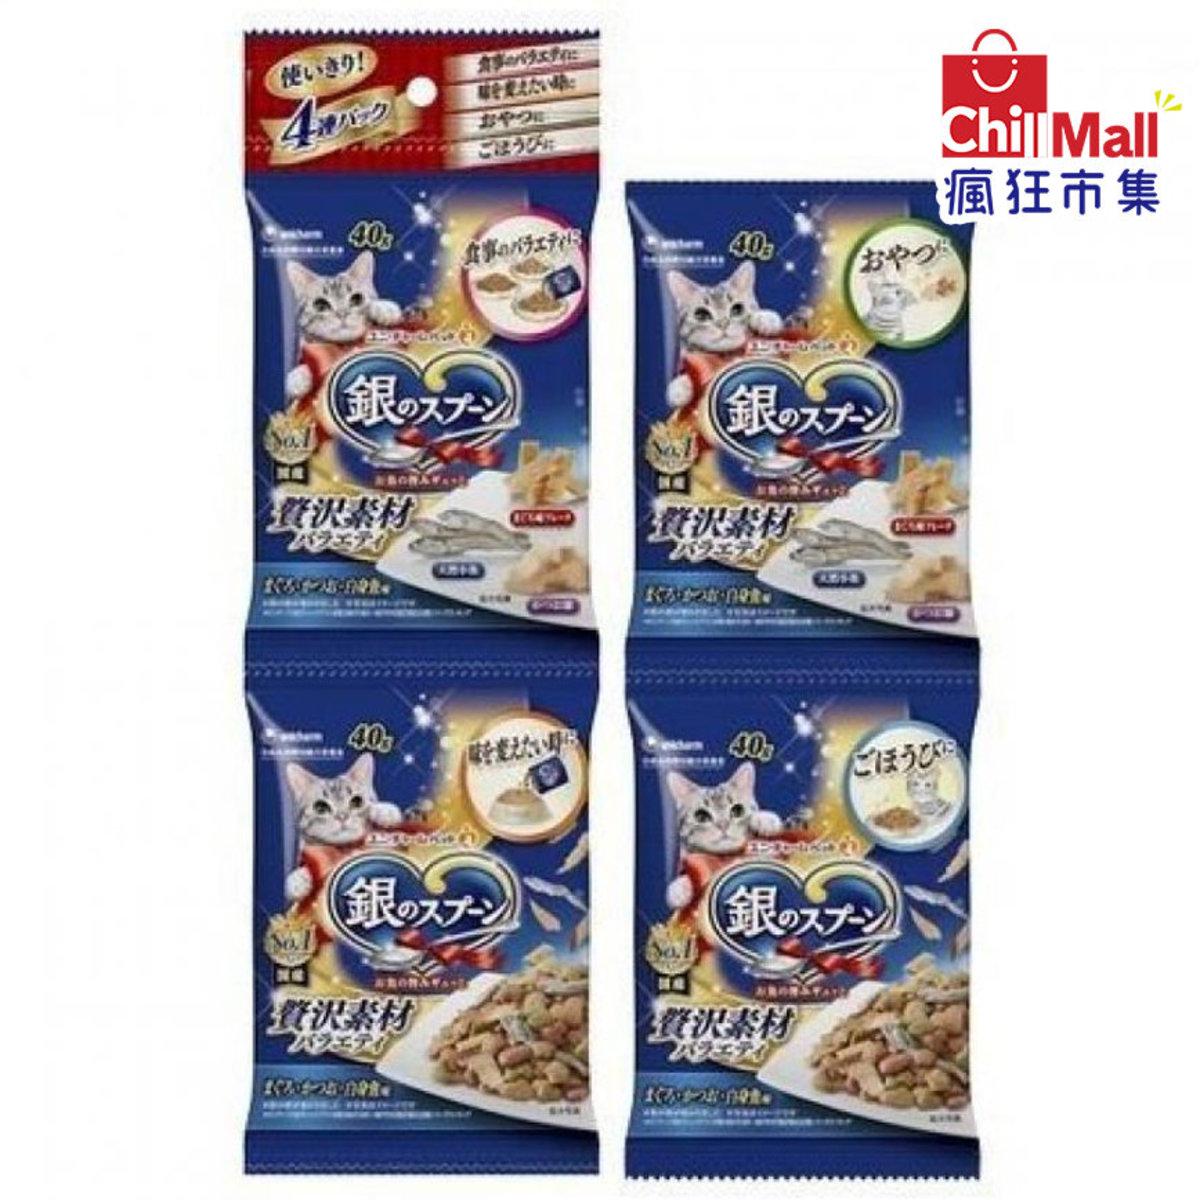 日本unicharm 三星銀匙 貓脆餅 金槍魚鰹魚及白魚 40g 4本入 (藍) 9621523